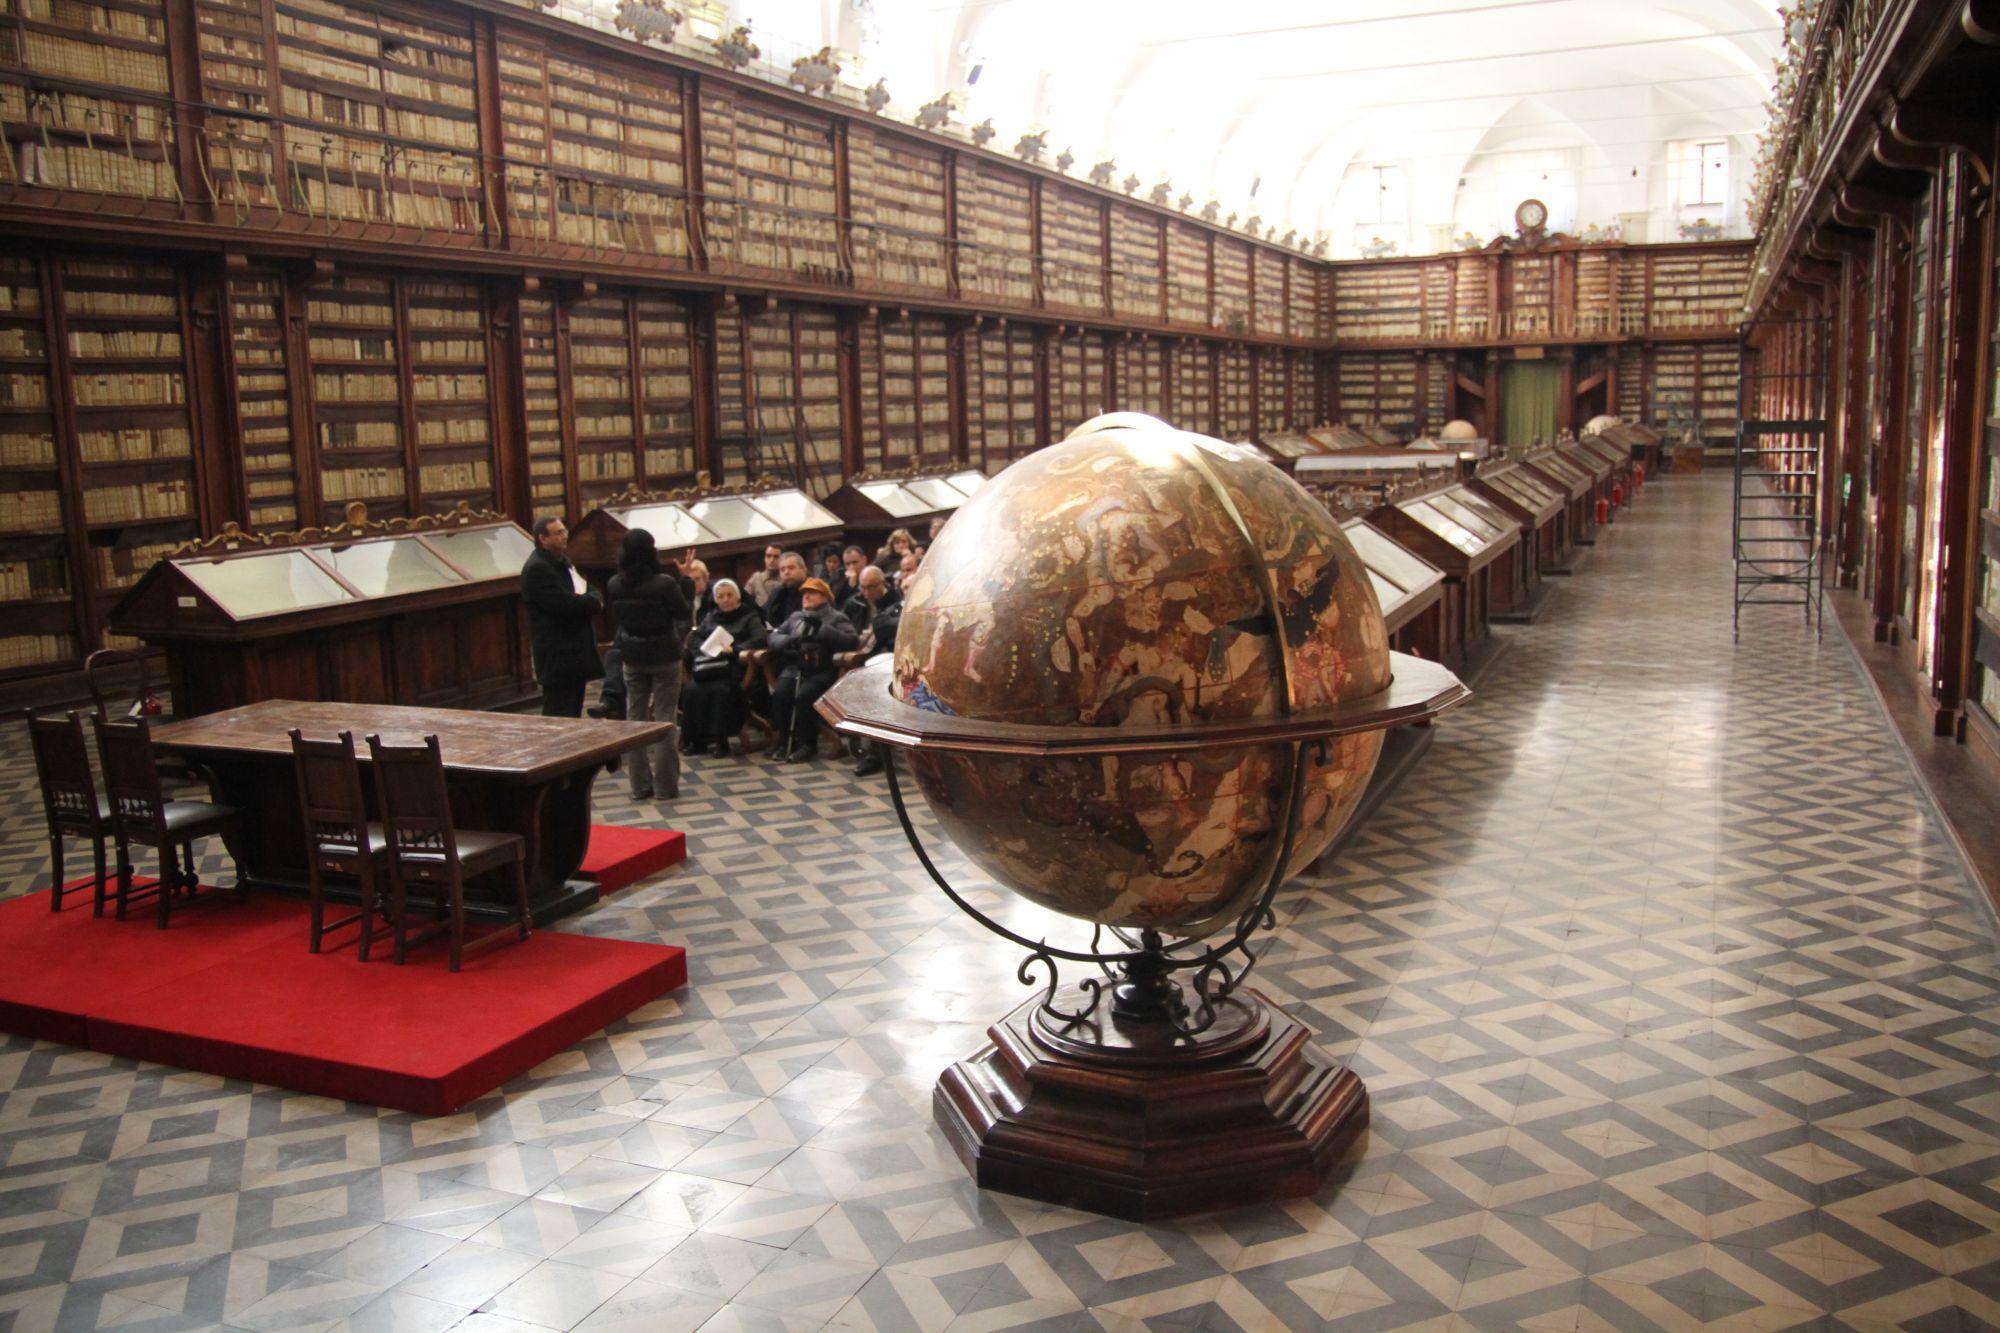 Resultado de imagem para Biblioteca Casanatense